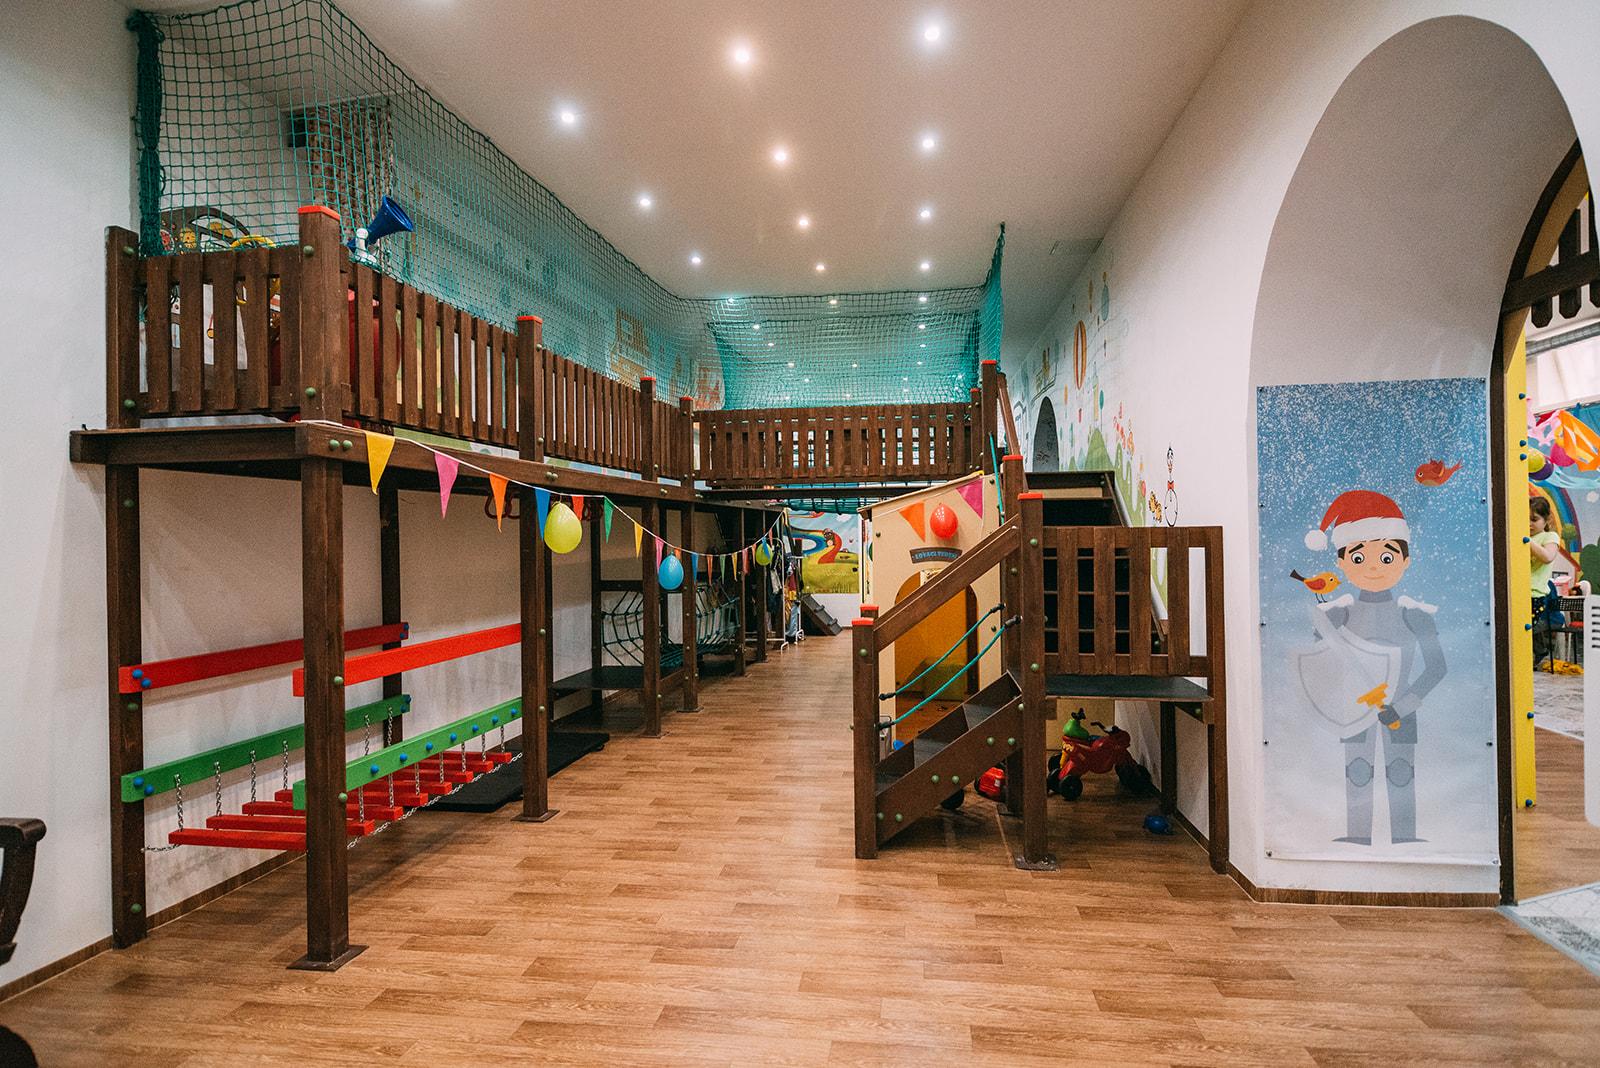 Eladóvá vált Budapest egyik legismertebb játszóháza